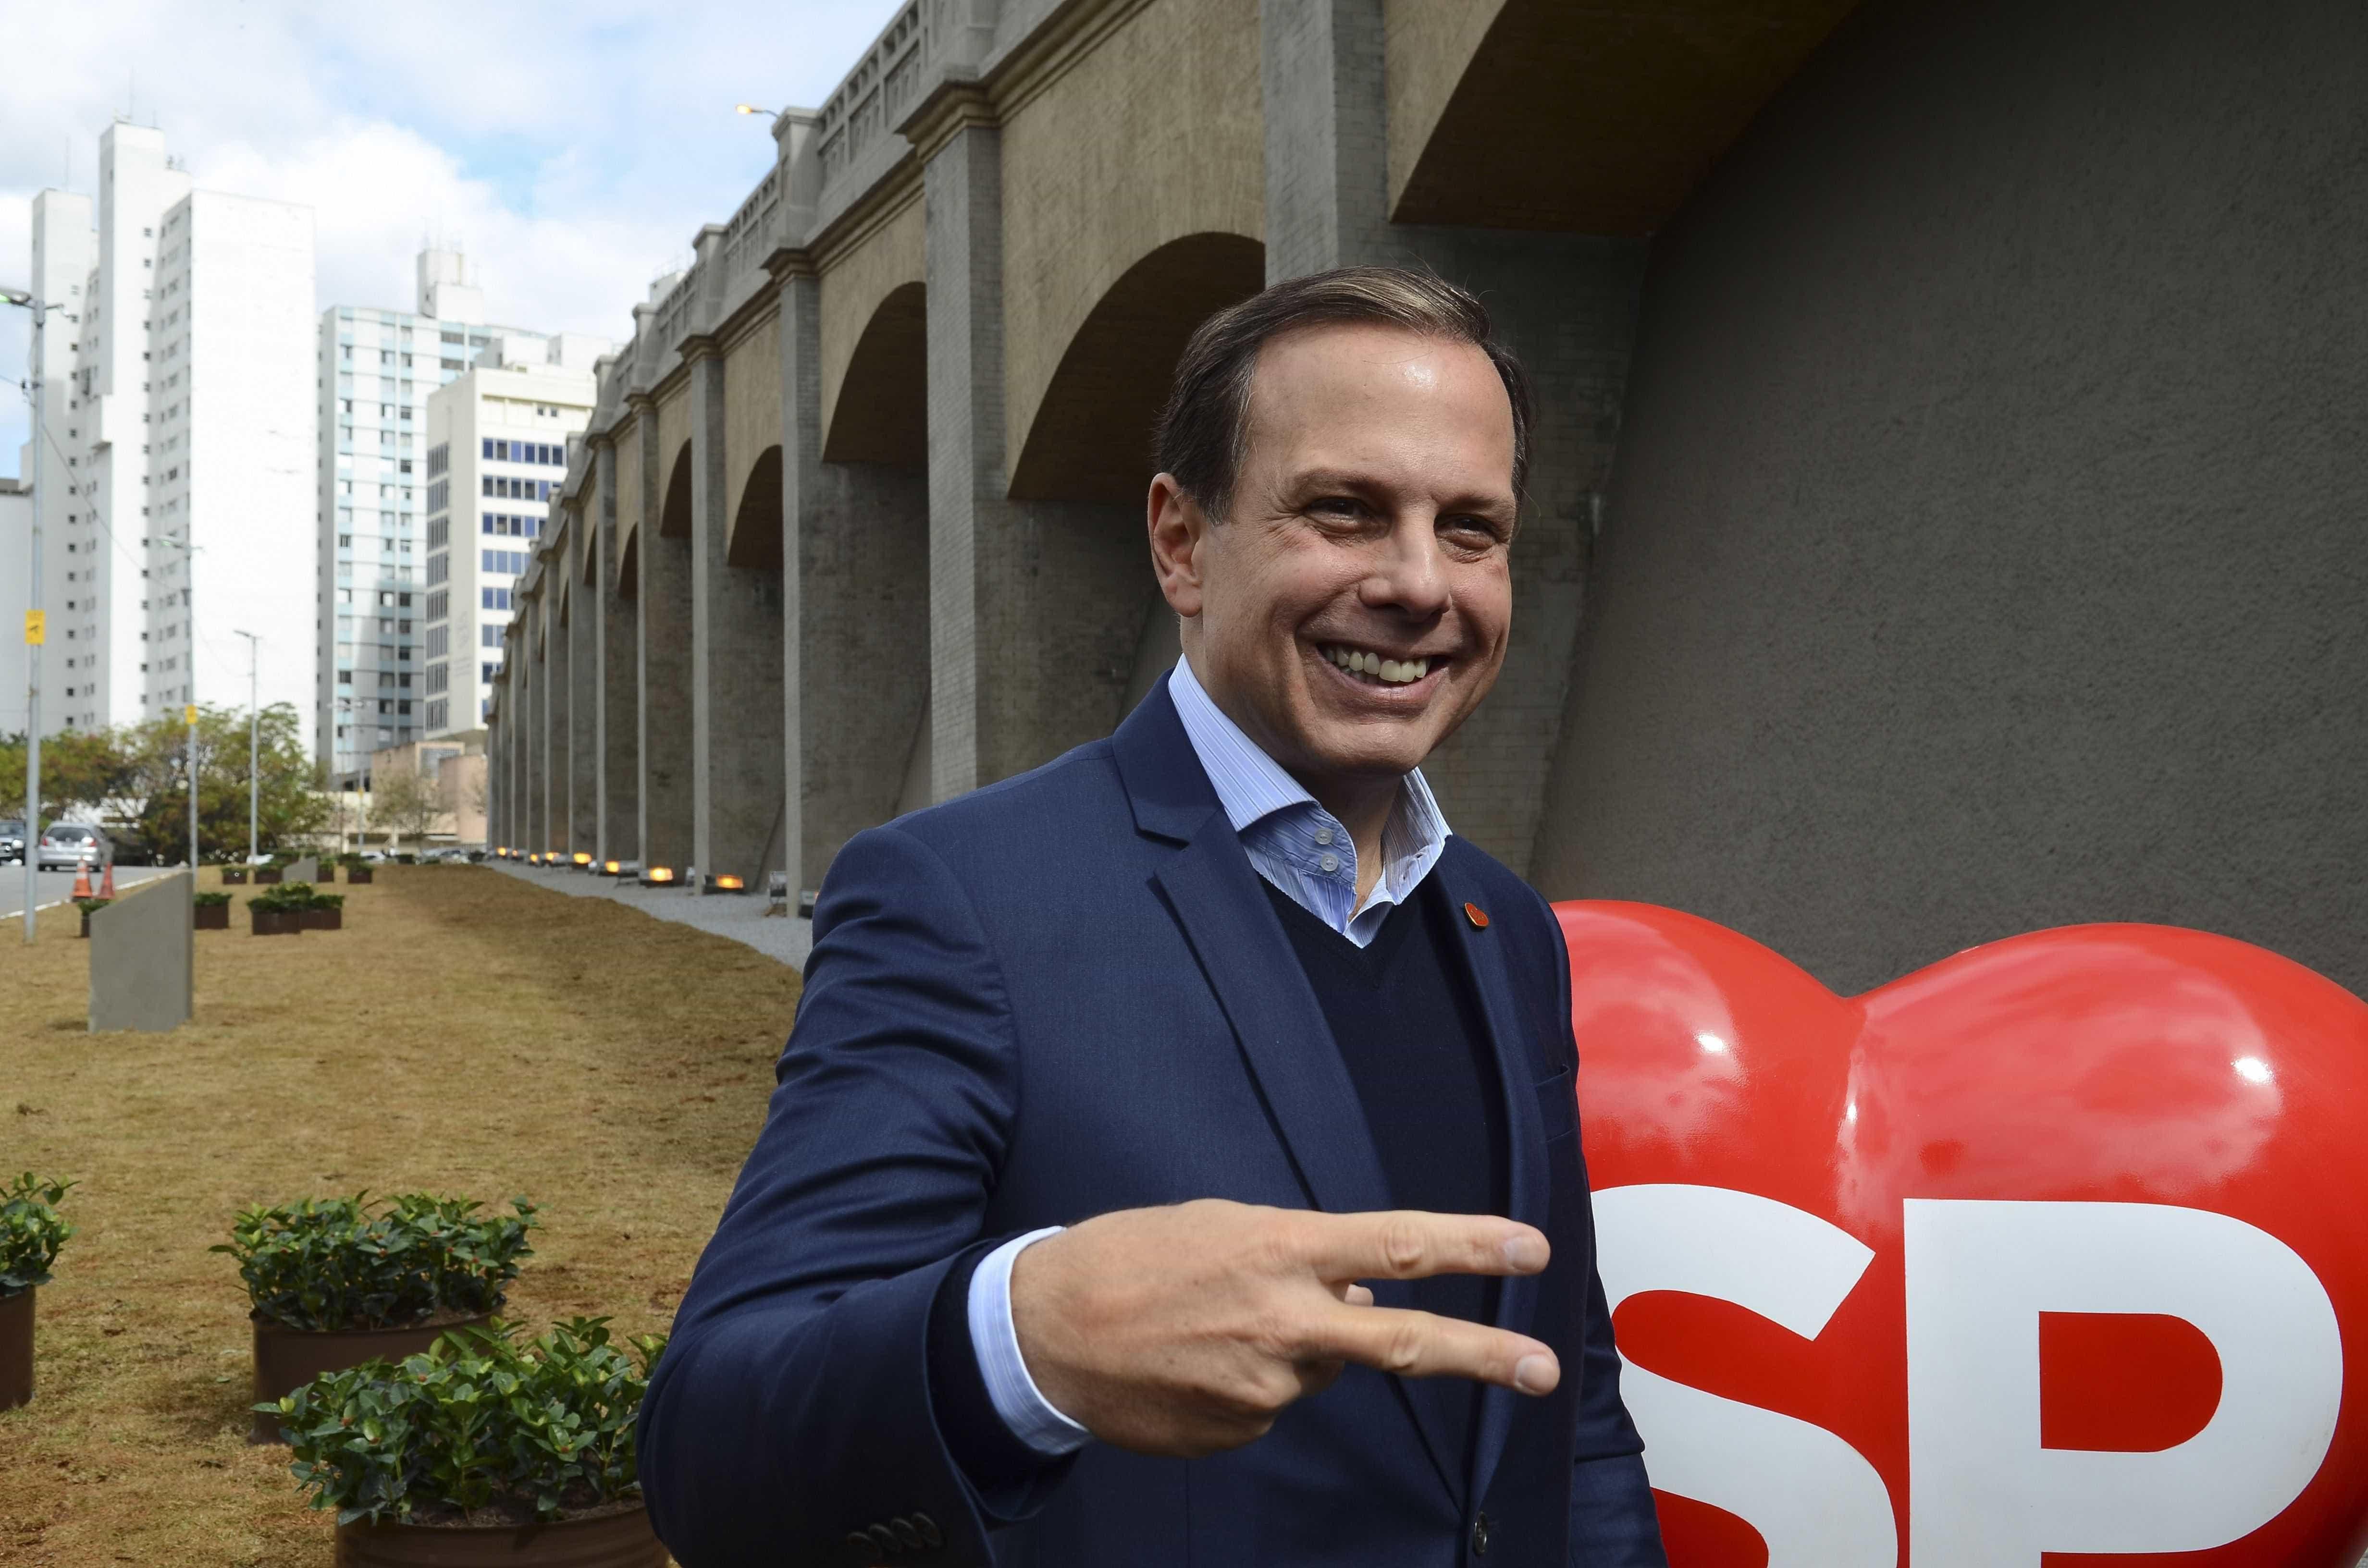 Doria se encontrará com Jair Bolsonaro hoje às 17h30 no Rio